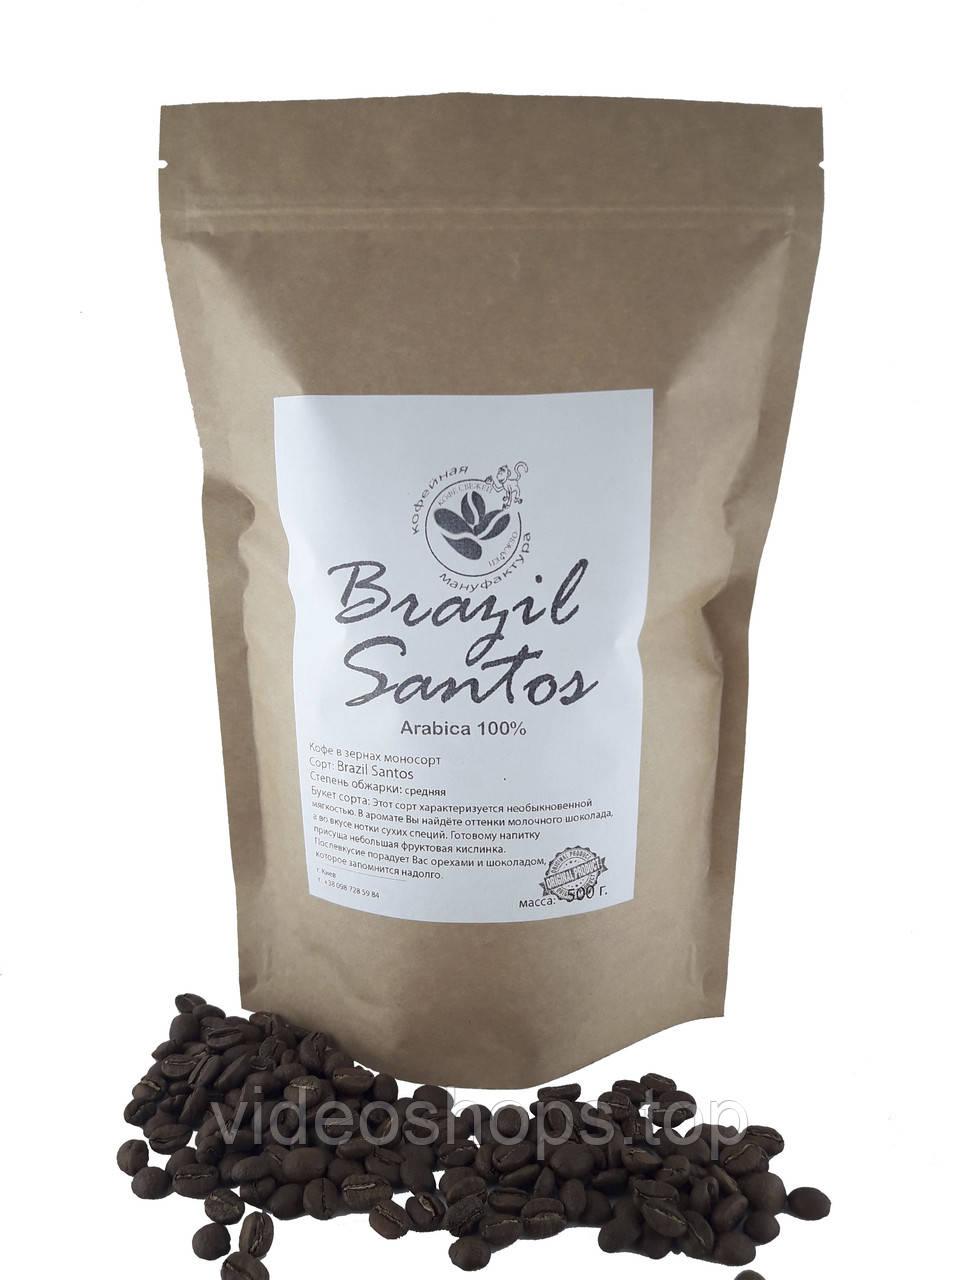 Кофе в зернах  Brasilia Santos(100% арабика) 500г